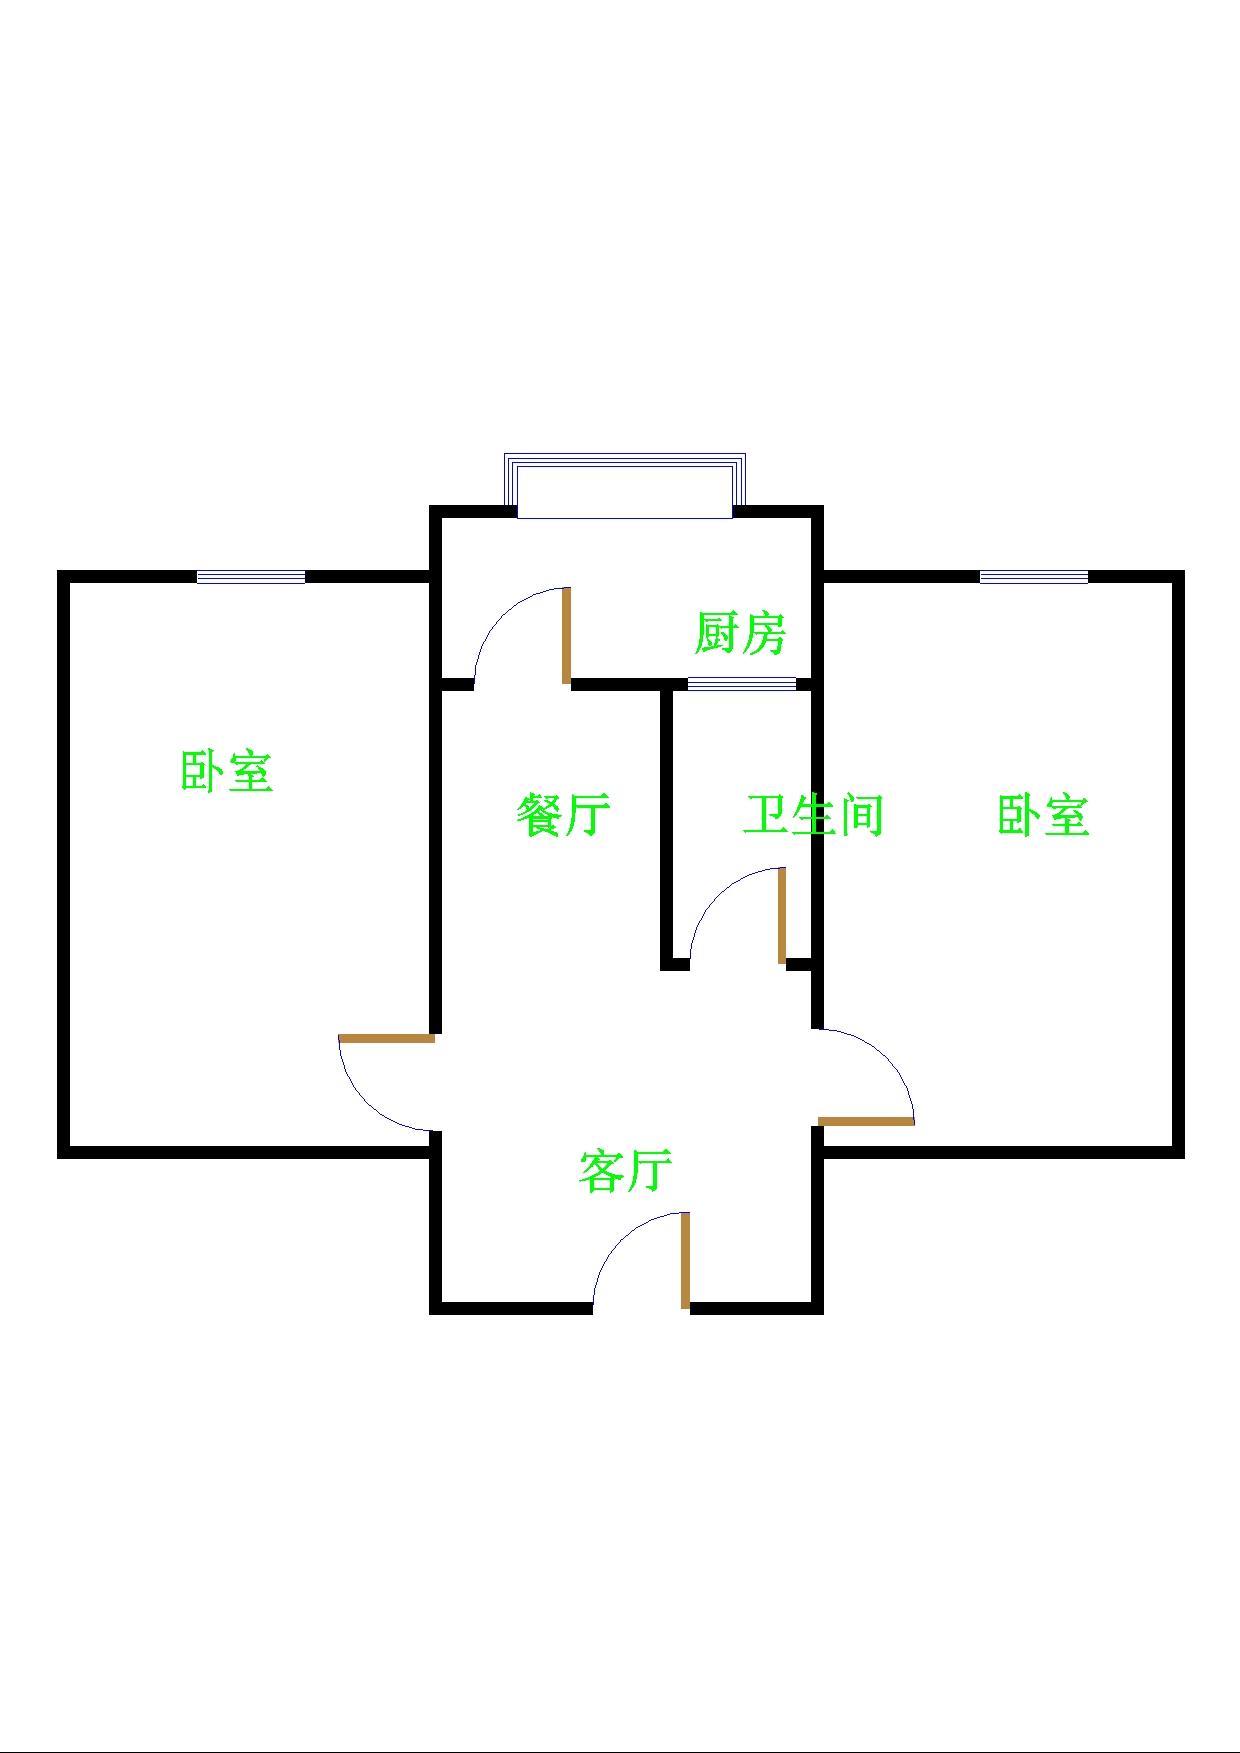 北园小区 2室1厅  简装 36万